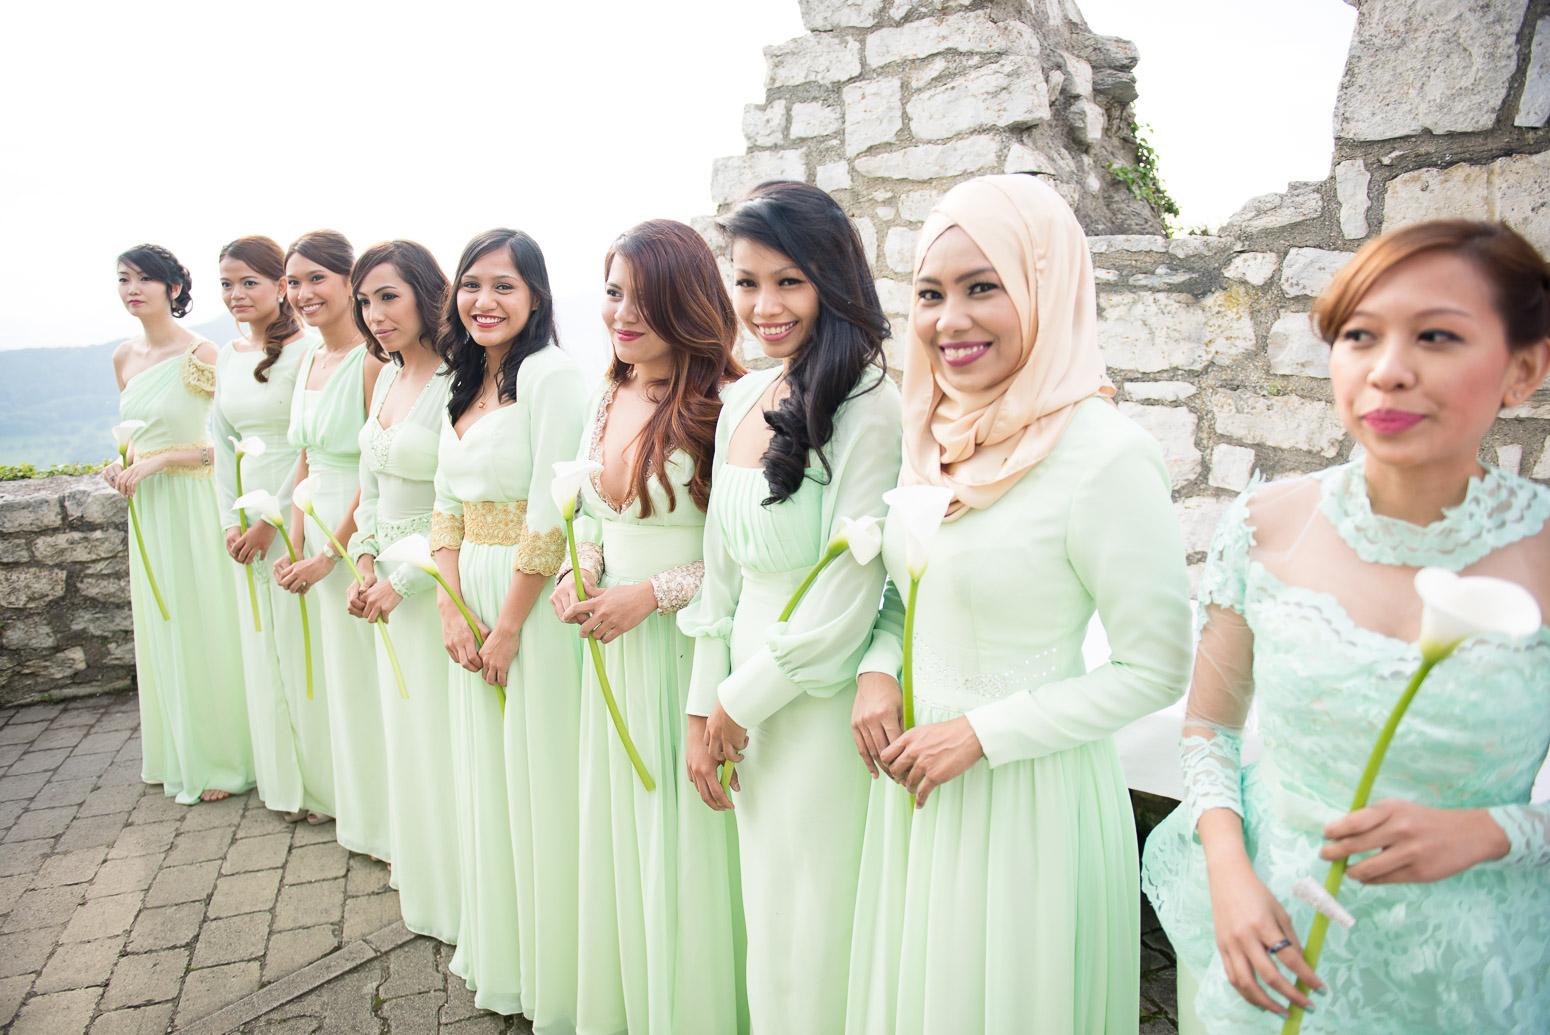 Hochzeitsfotograf auf Burg Hohen Neuffen